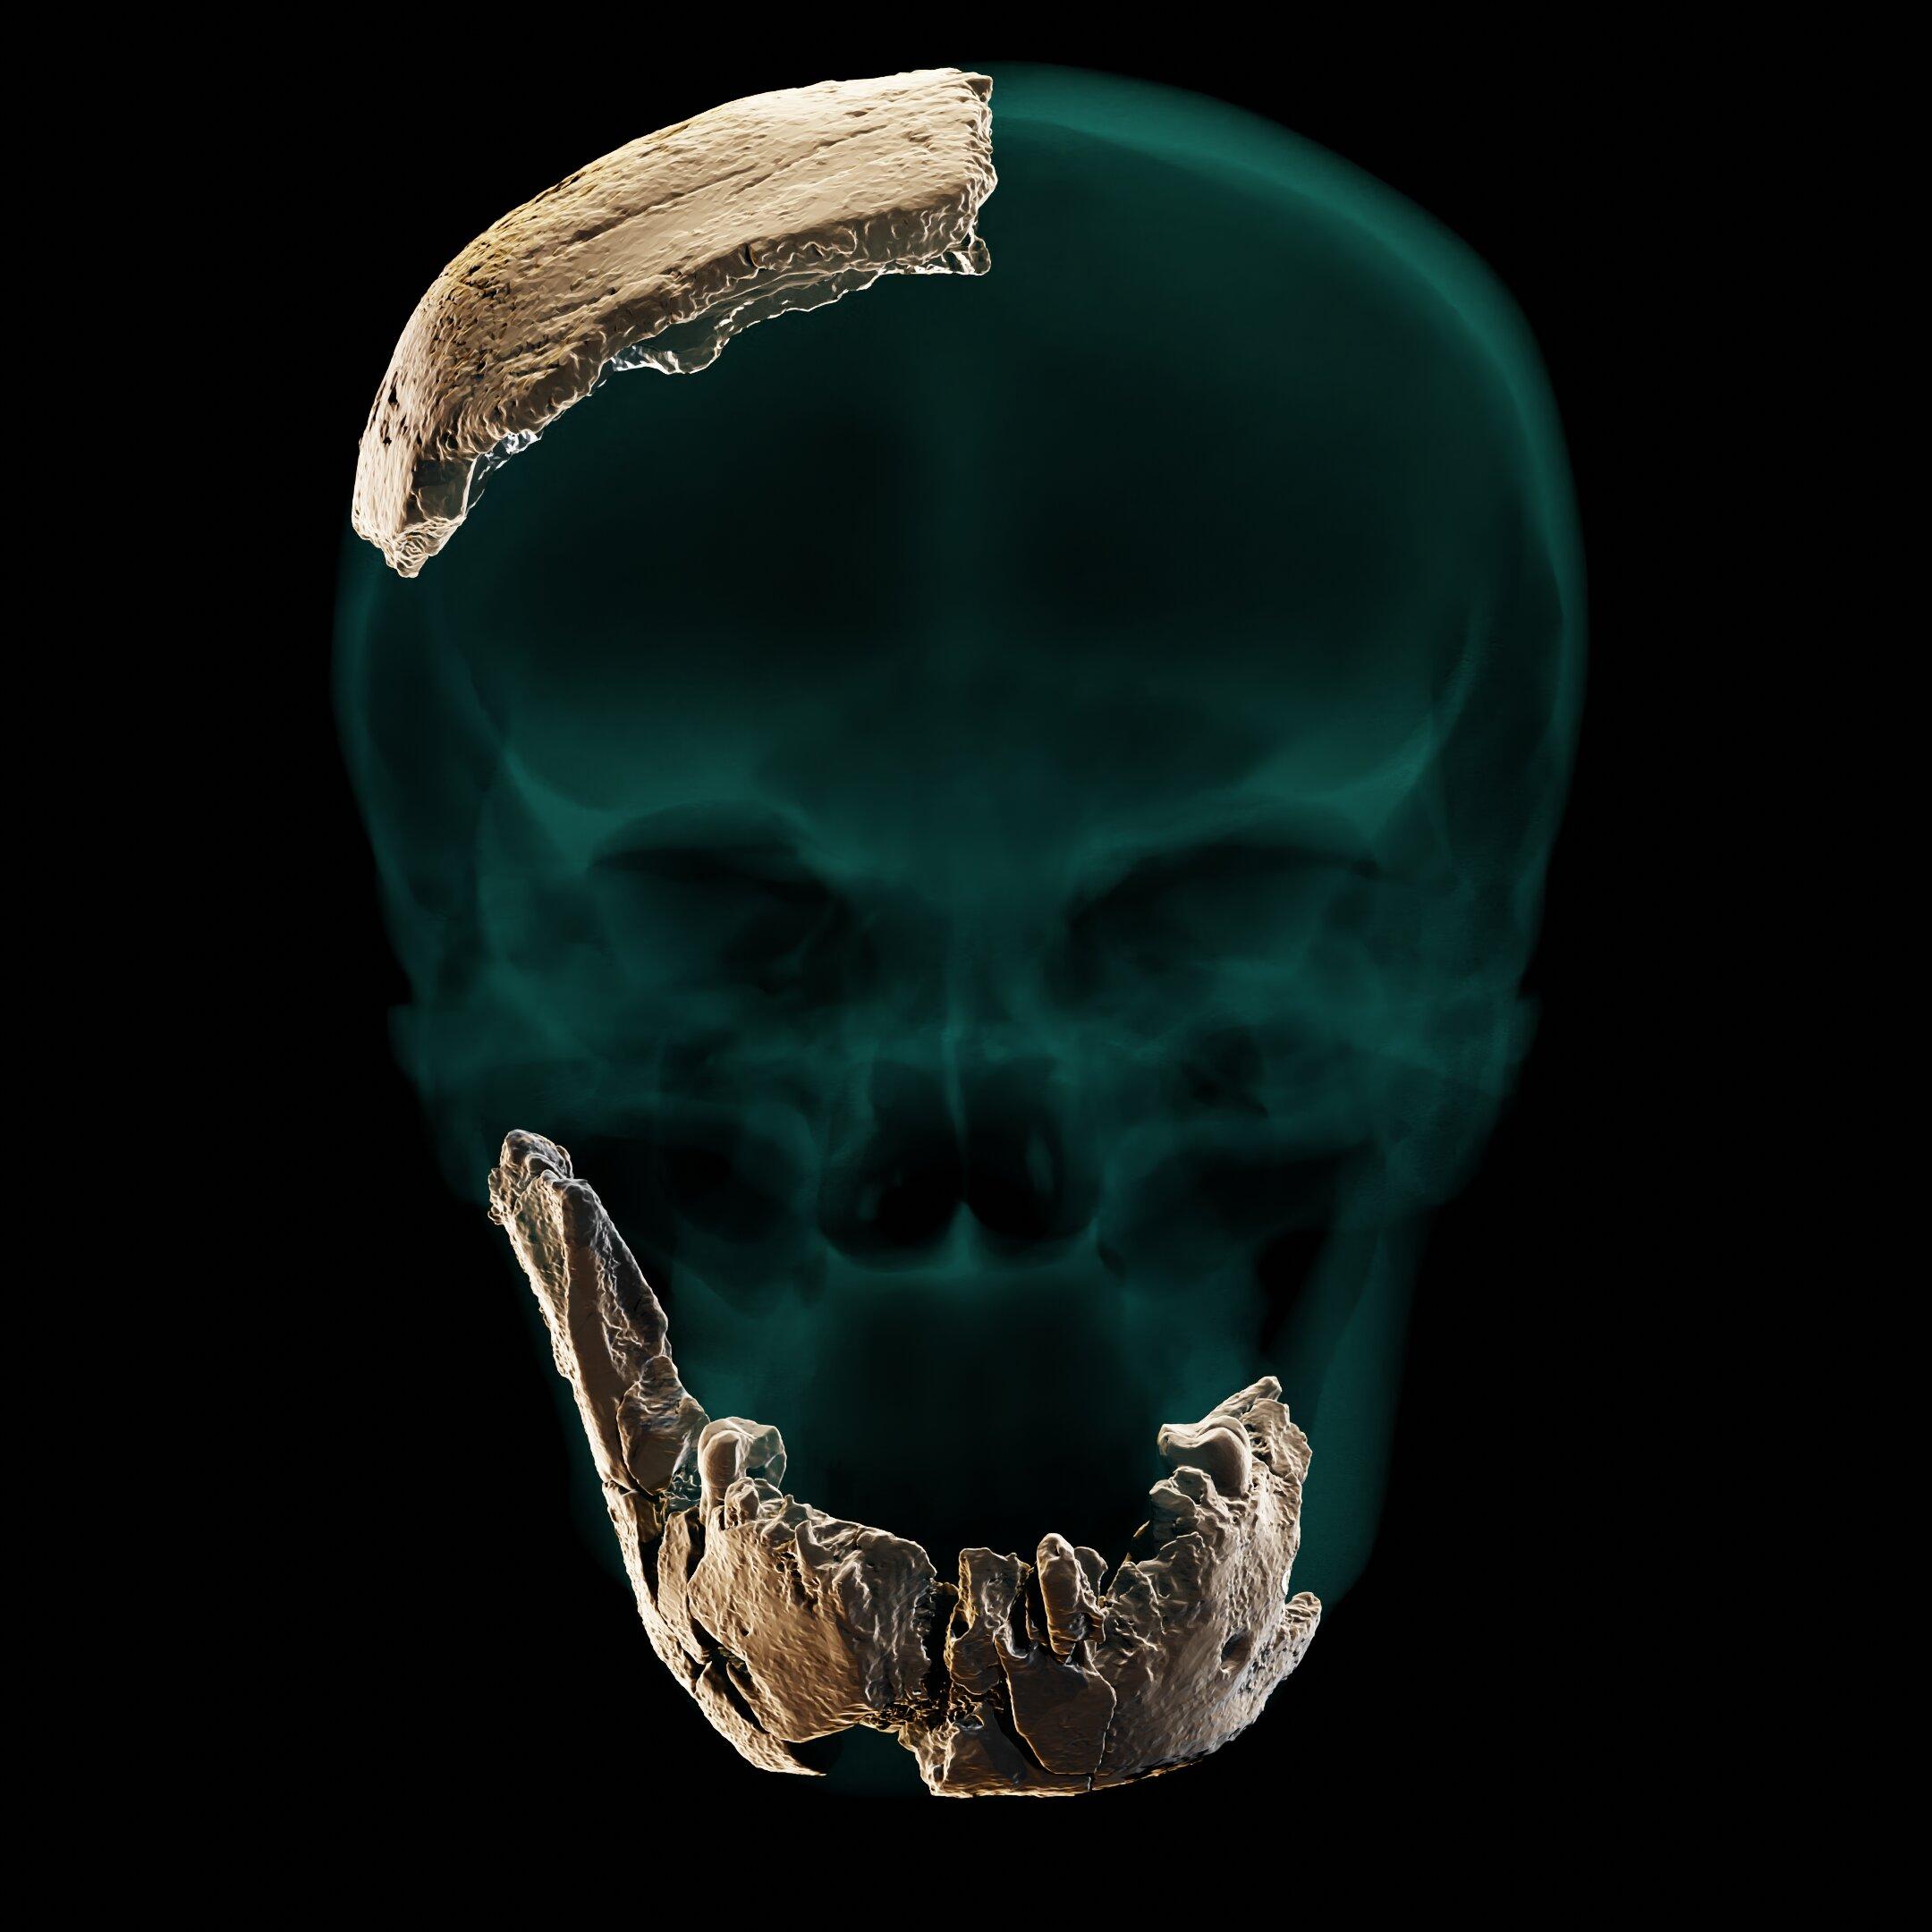 这些遗骸被发现时,身边还带有工具。虽然工具与现代人类有关,但遗骸具有一些与更古老的古人类相似的特征。供图:ARIEL POKHOJAEV, SACKLER FA